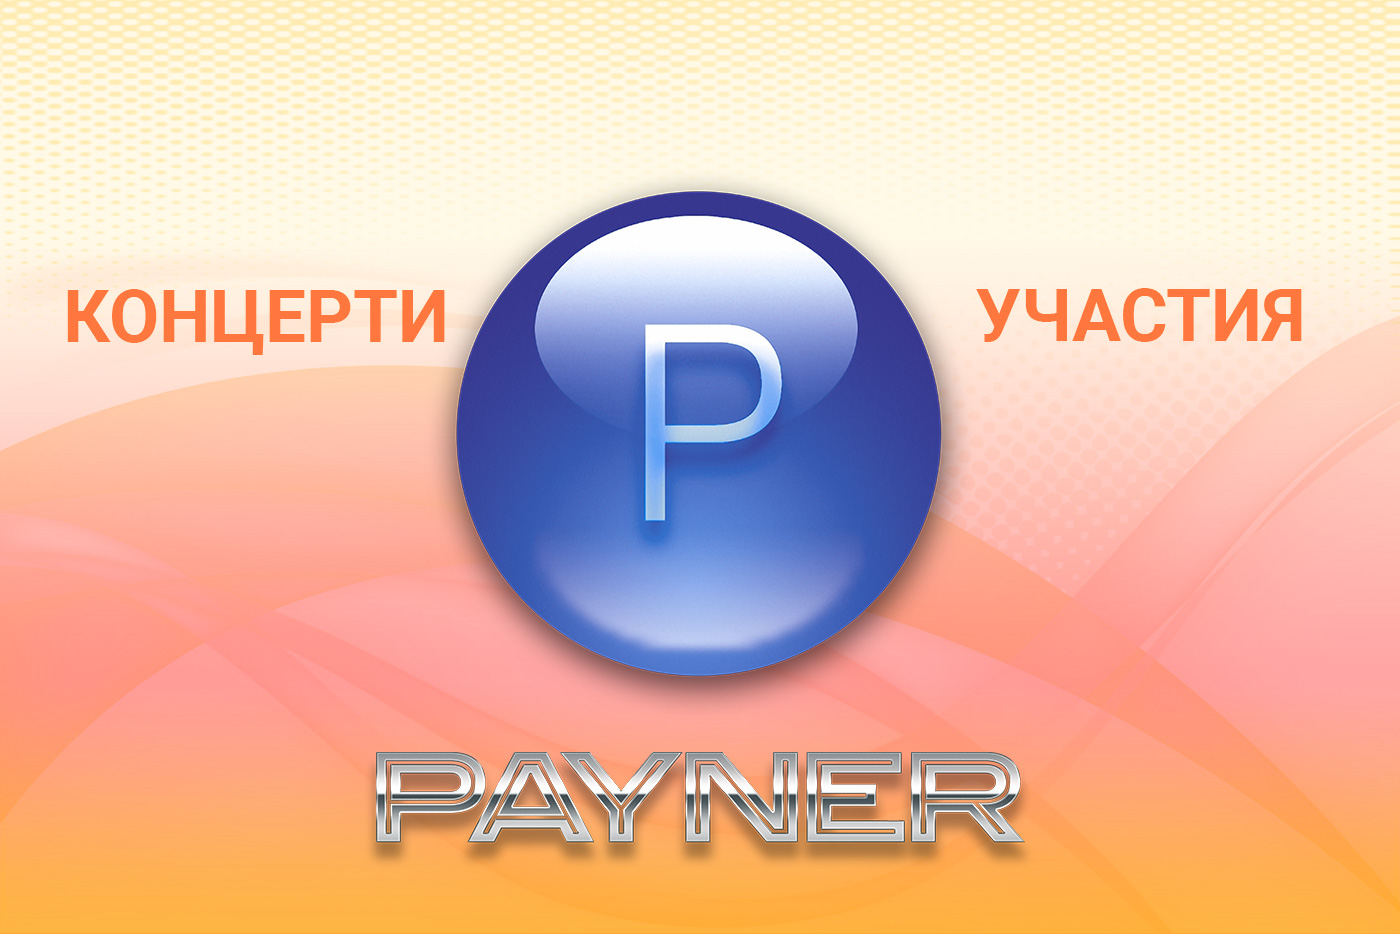 """Участия на звездите на """"Пайнер"""" на 07.12.2018"""